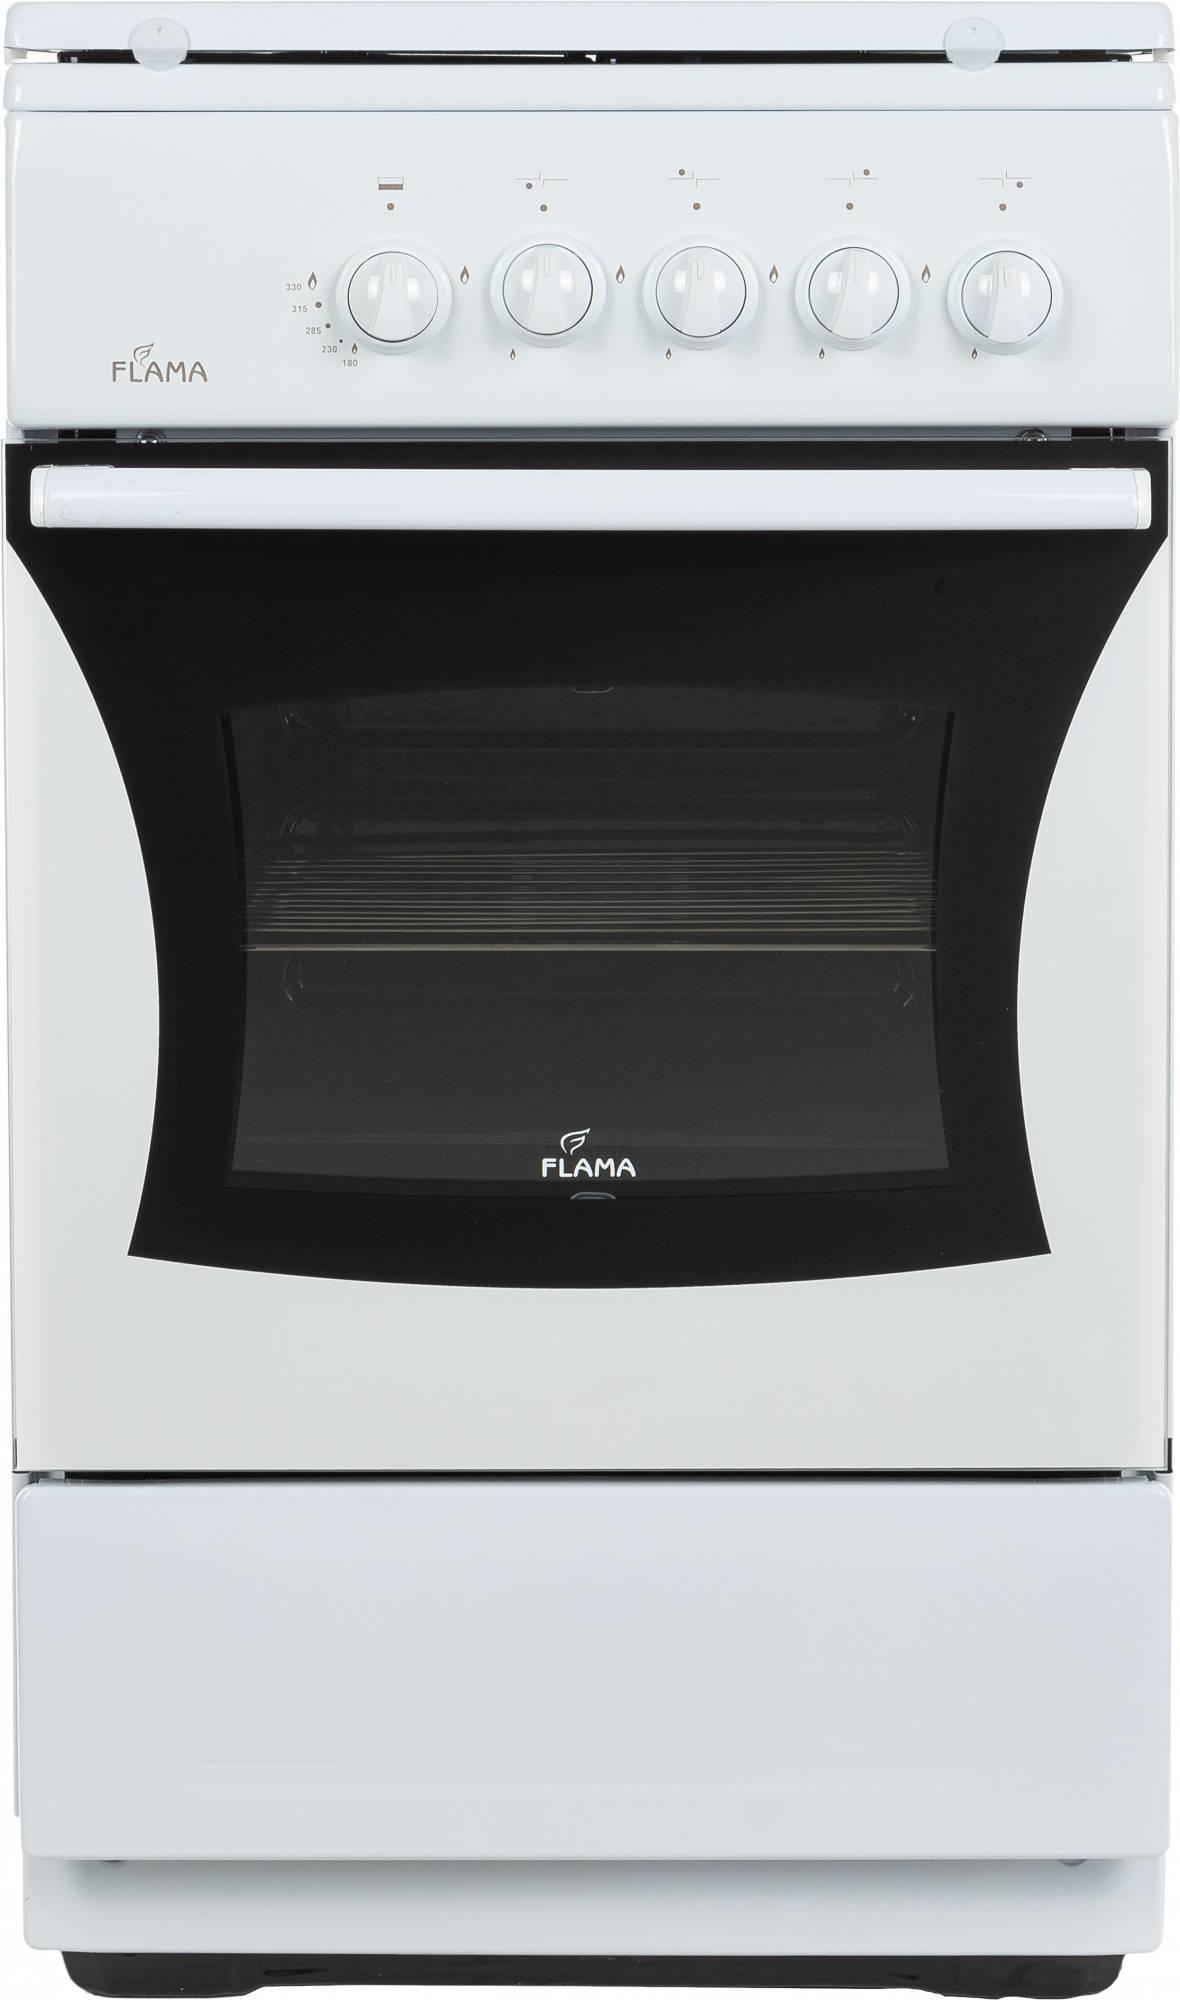 Плита газовая Flama FG 24023 W белый, металлическая крышка - фото 1